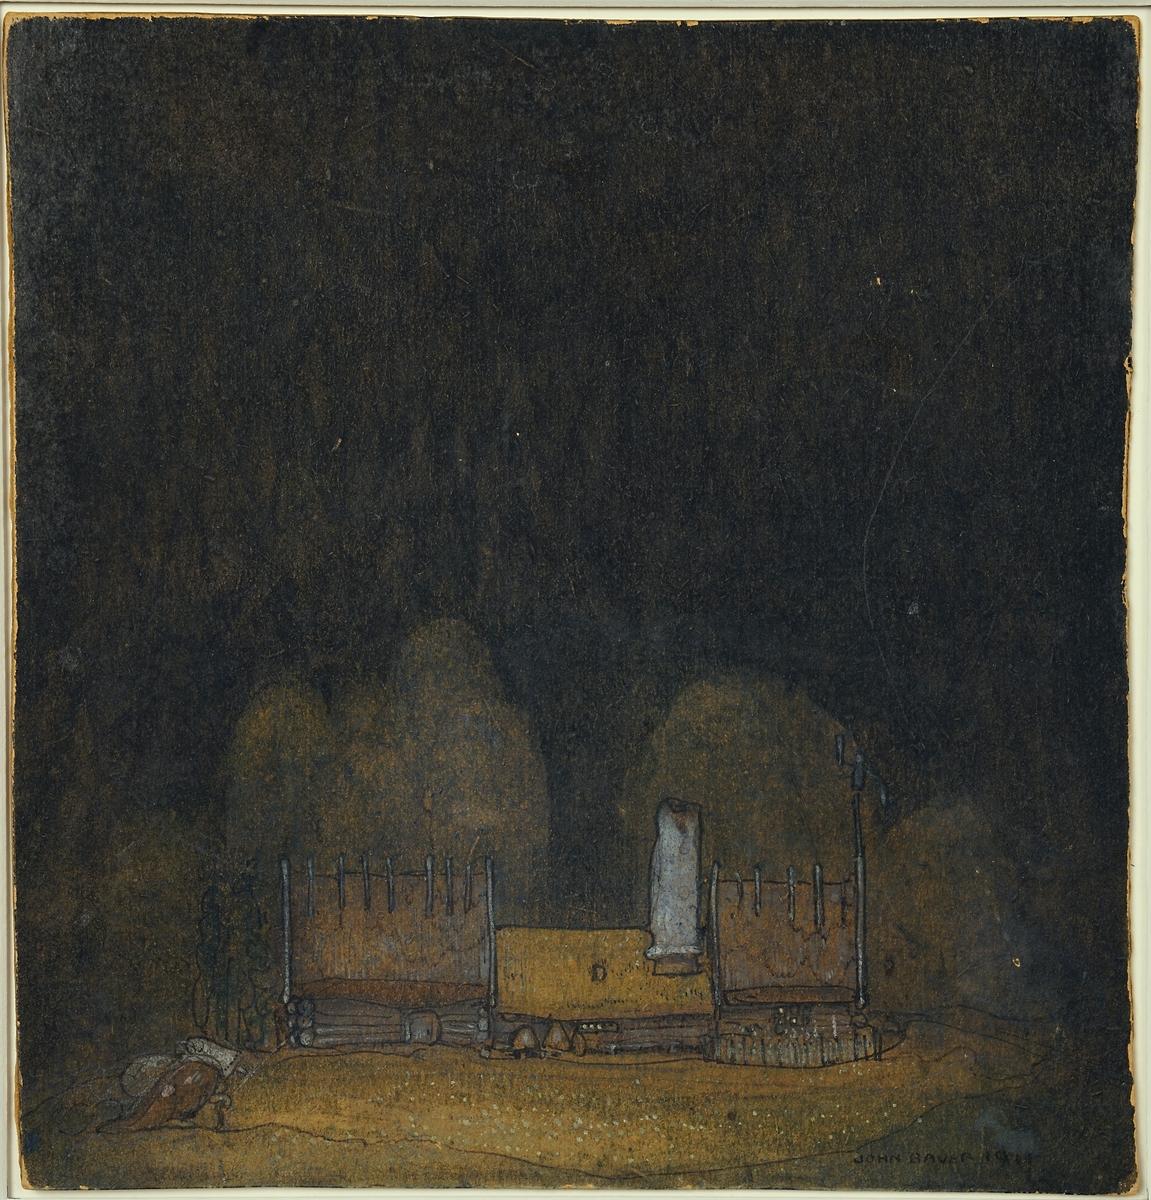 Akvarellmålning med detaljer i gouache och tusch. Ryggåsstuga i mörkt skogslandskap. Till vänster i bilden kommer en trollfigur gående mot stugan. Sommarlandskap i mörka gröna och bruna färger. Originalillustrationen är vinterlandskap.